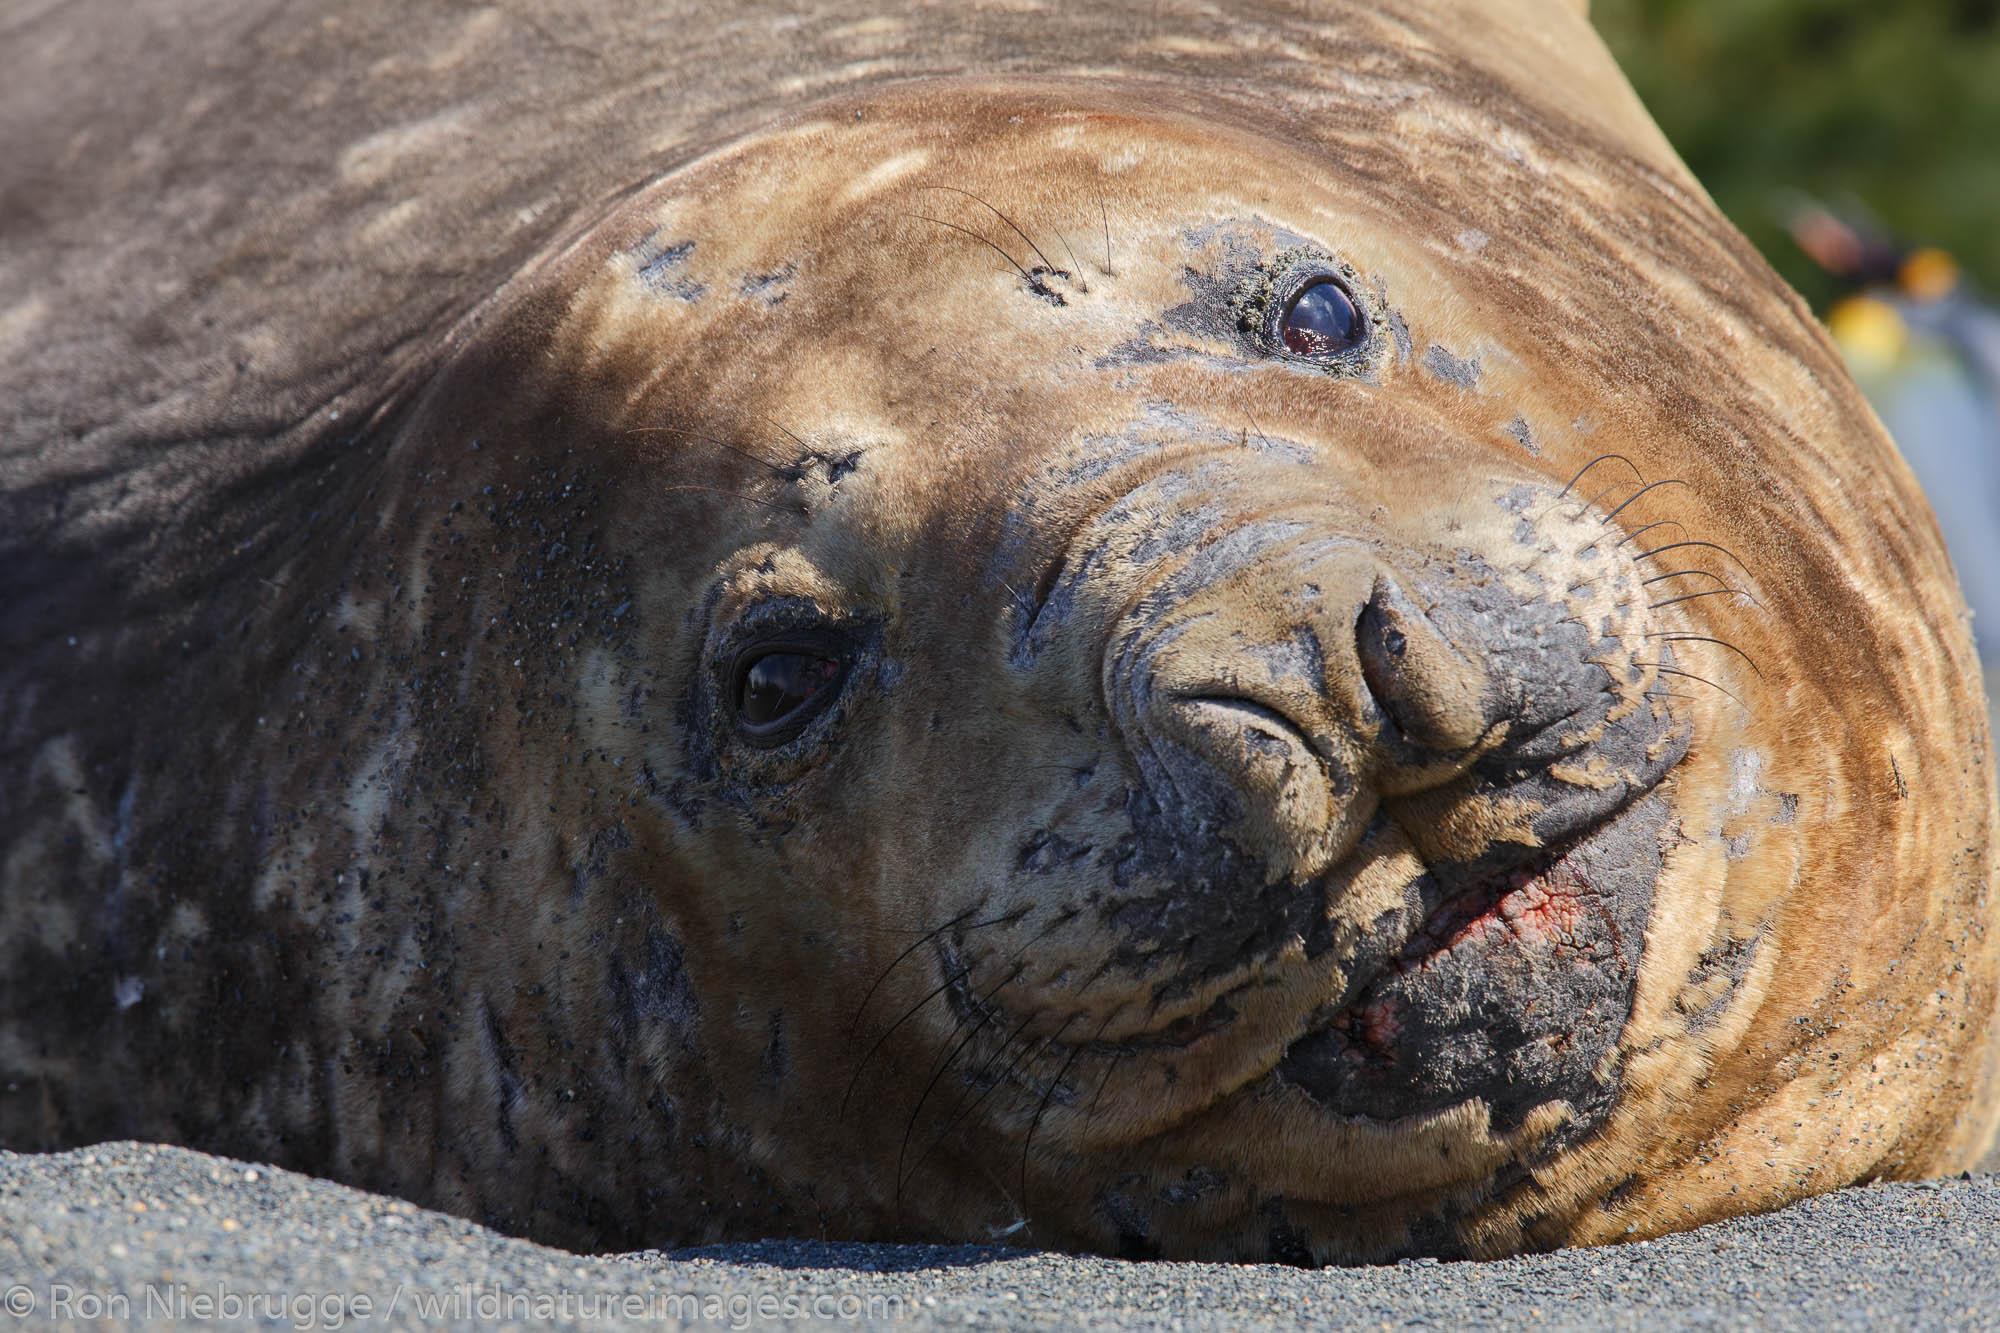 Southern elephant seal (Mirounga leonina), Gold Harbour, South Georgia, Antarctica.